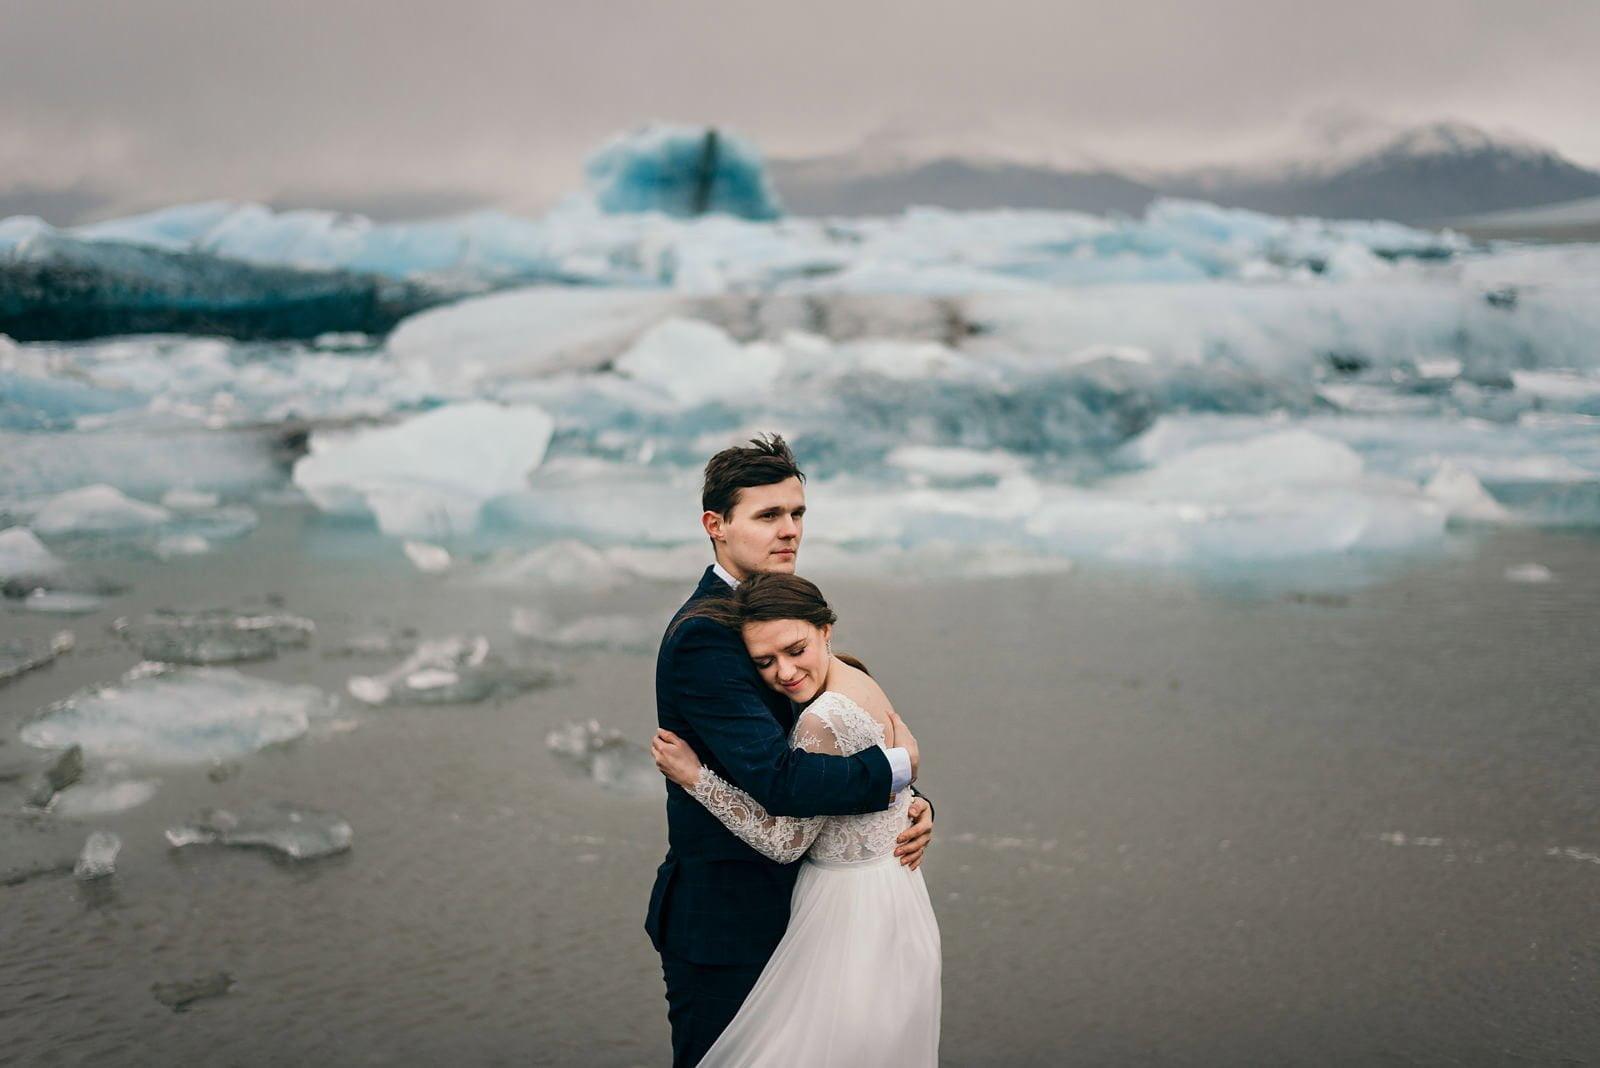 Sesja plenerowa na Islandii 8